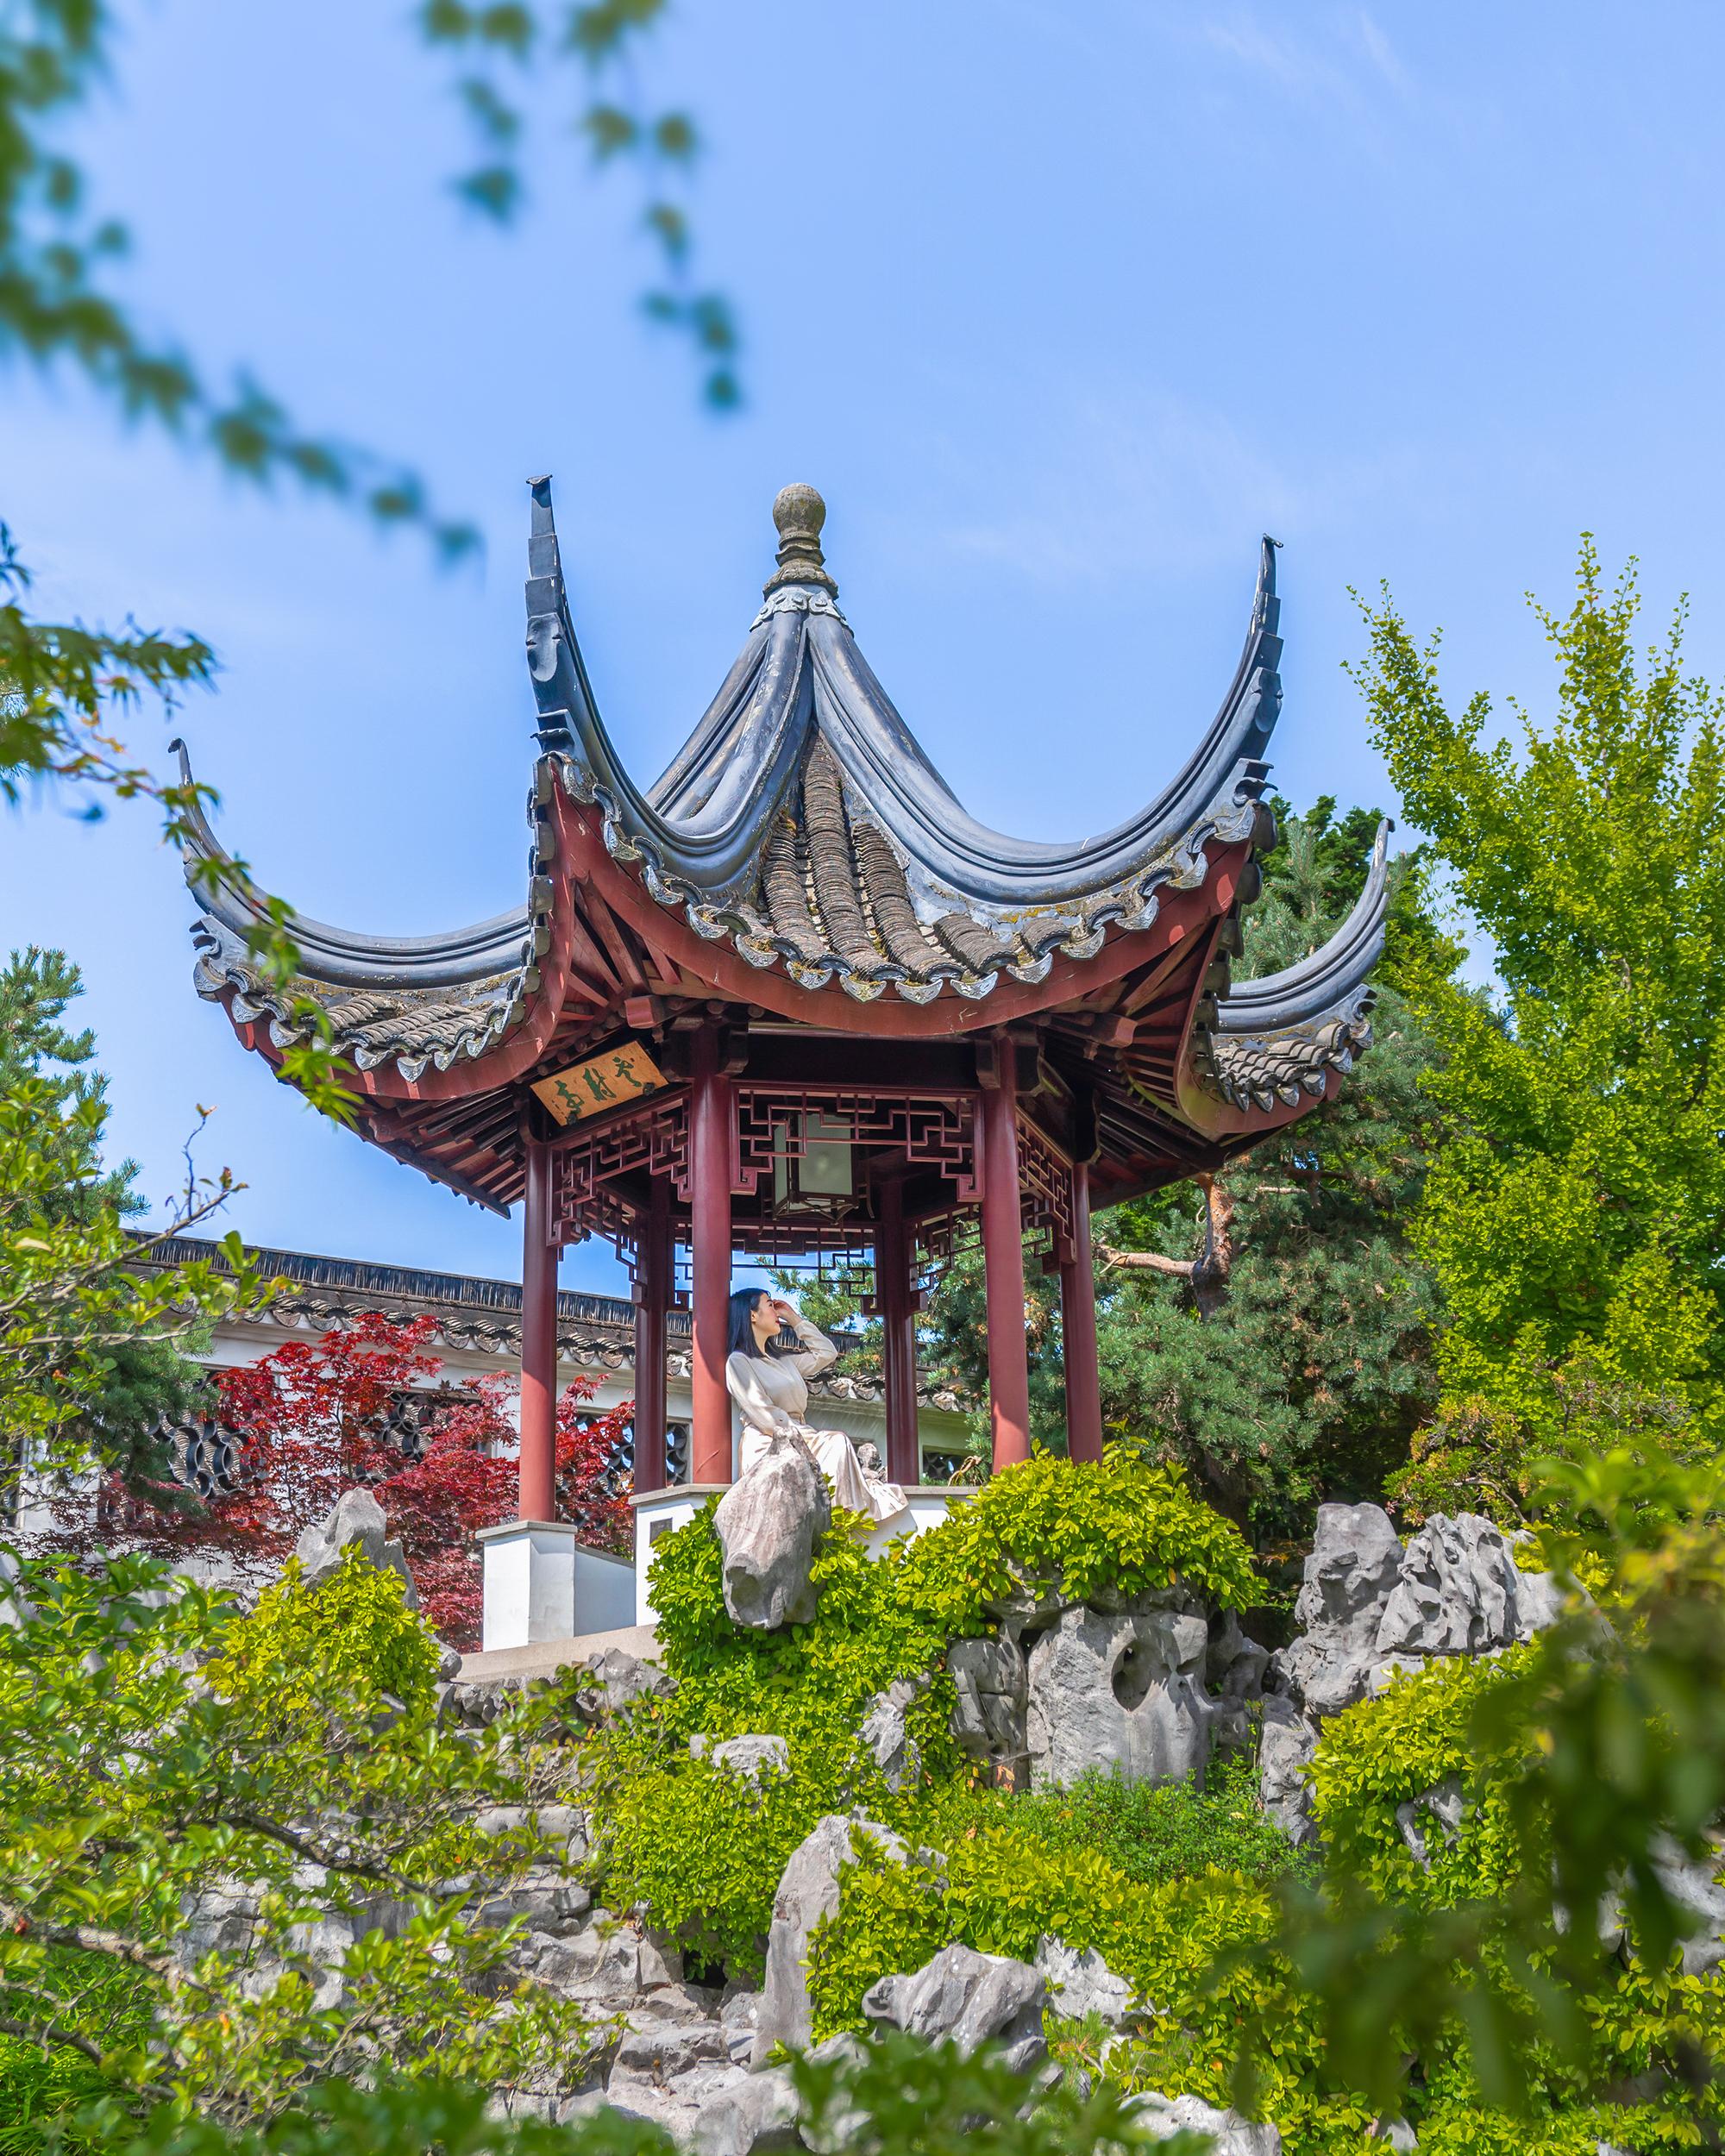 Ting at Dr. Sun Yat-Sen Classical Chinese Garden.